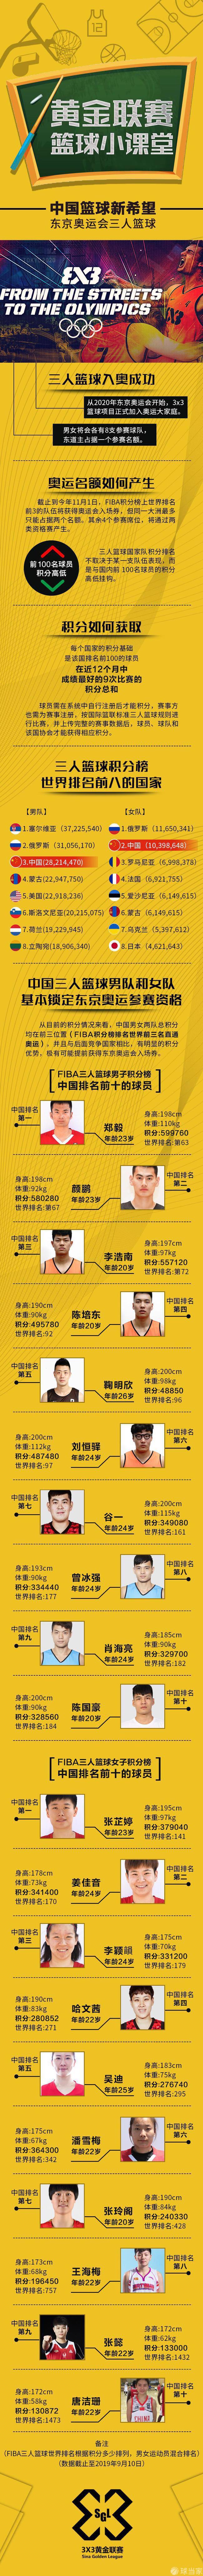 中国篮球新希望!三人篮球男女篮均为世界前三